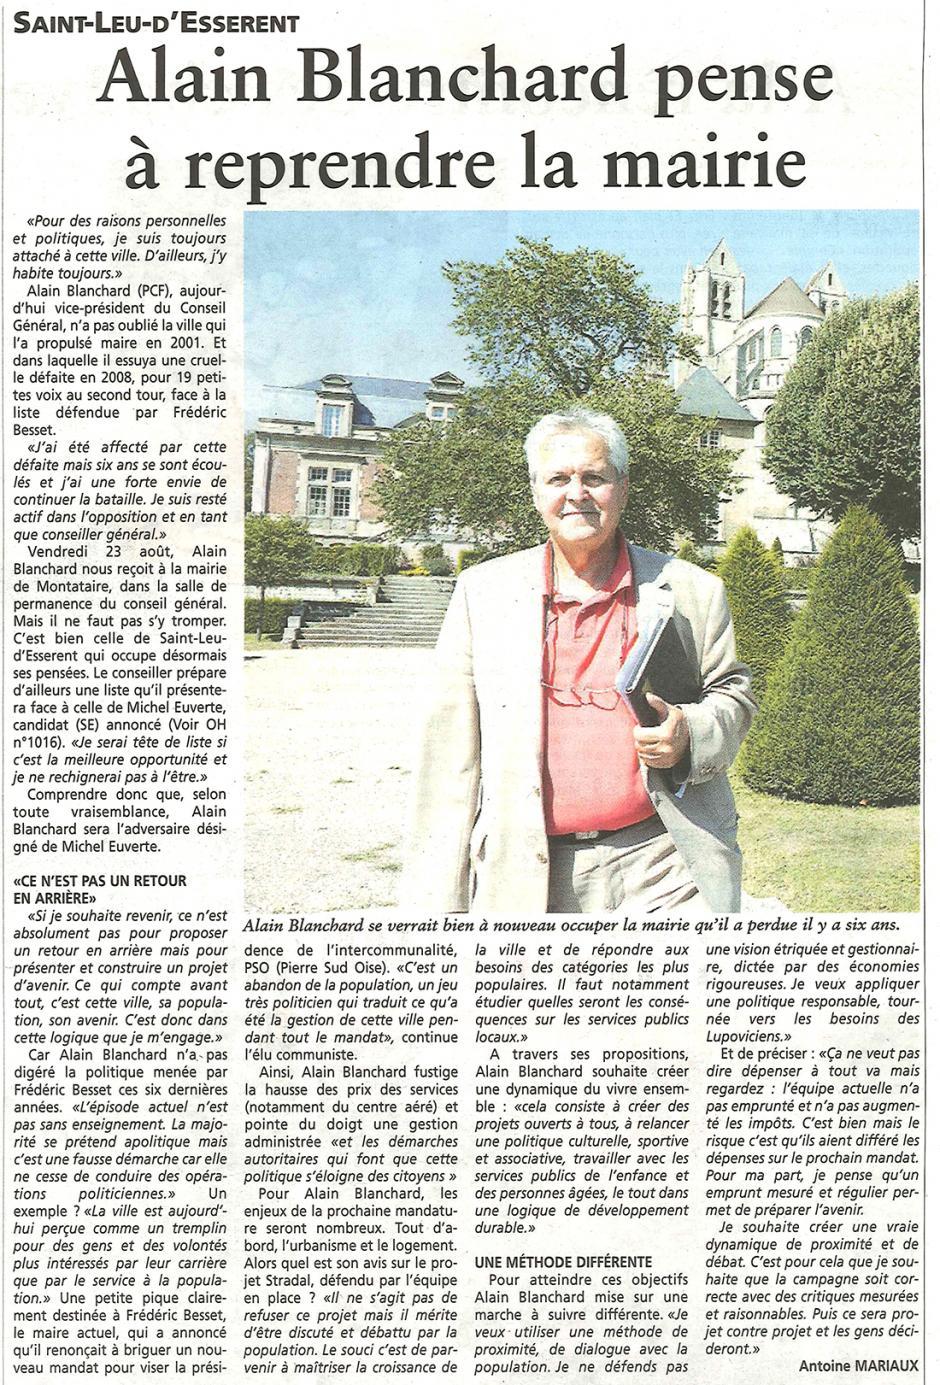 20130828-OH-Saint-Leu-d'Esserent-Alain Blanchard pense à reprendre la mairie